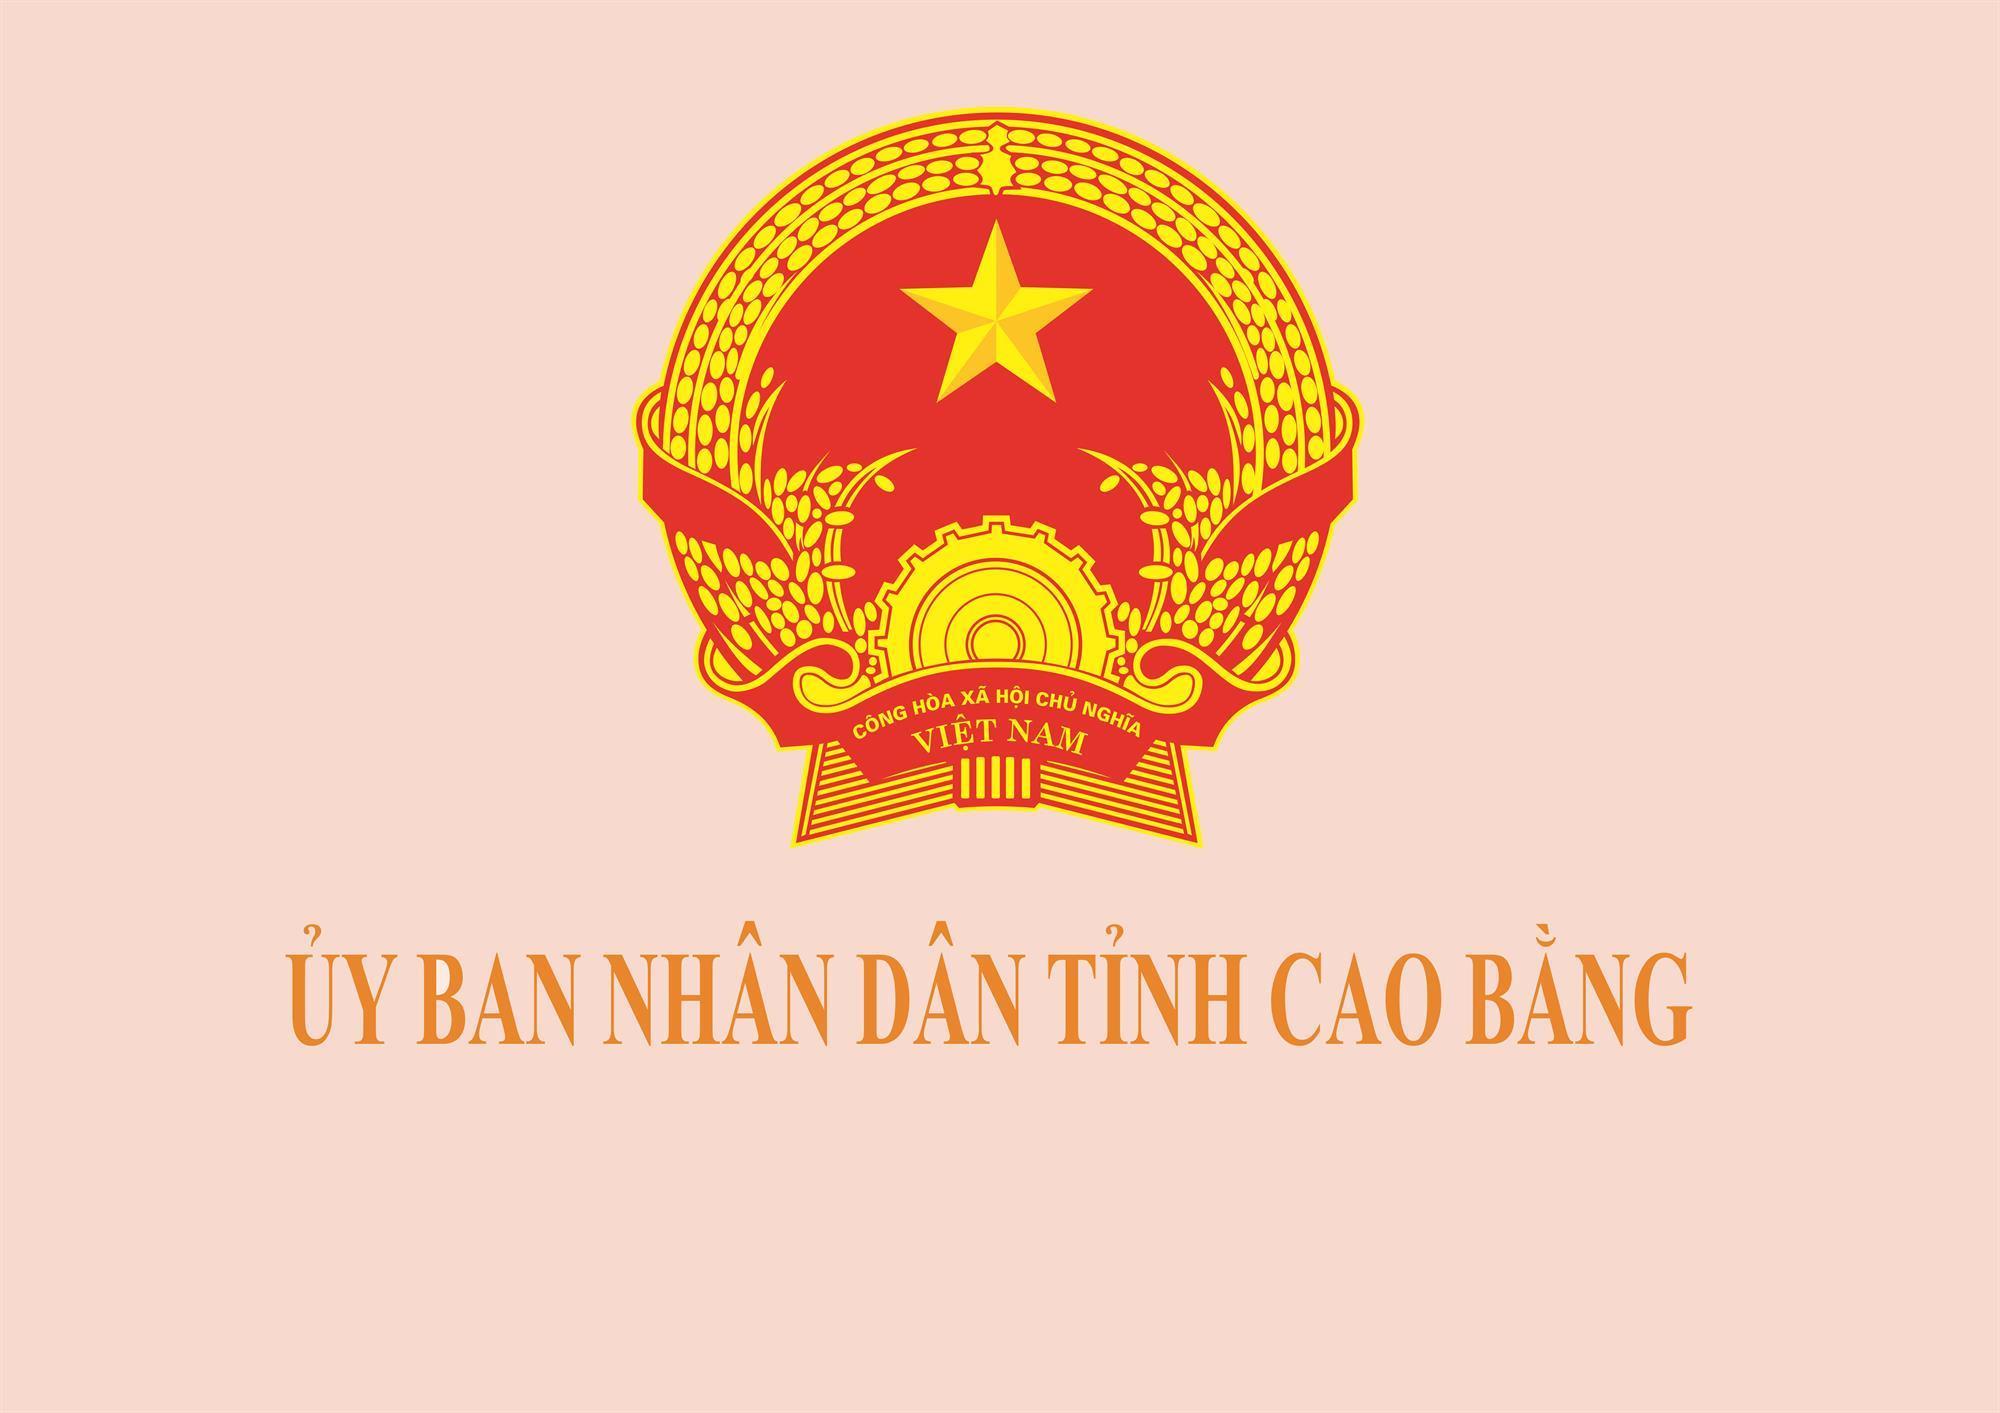 Chỉ đạo của UBND tỉnh Cao Bằng